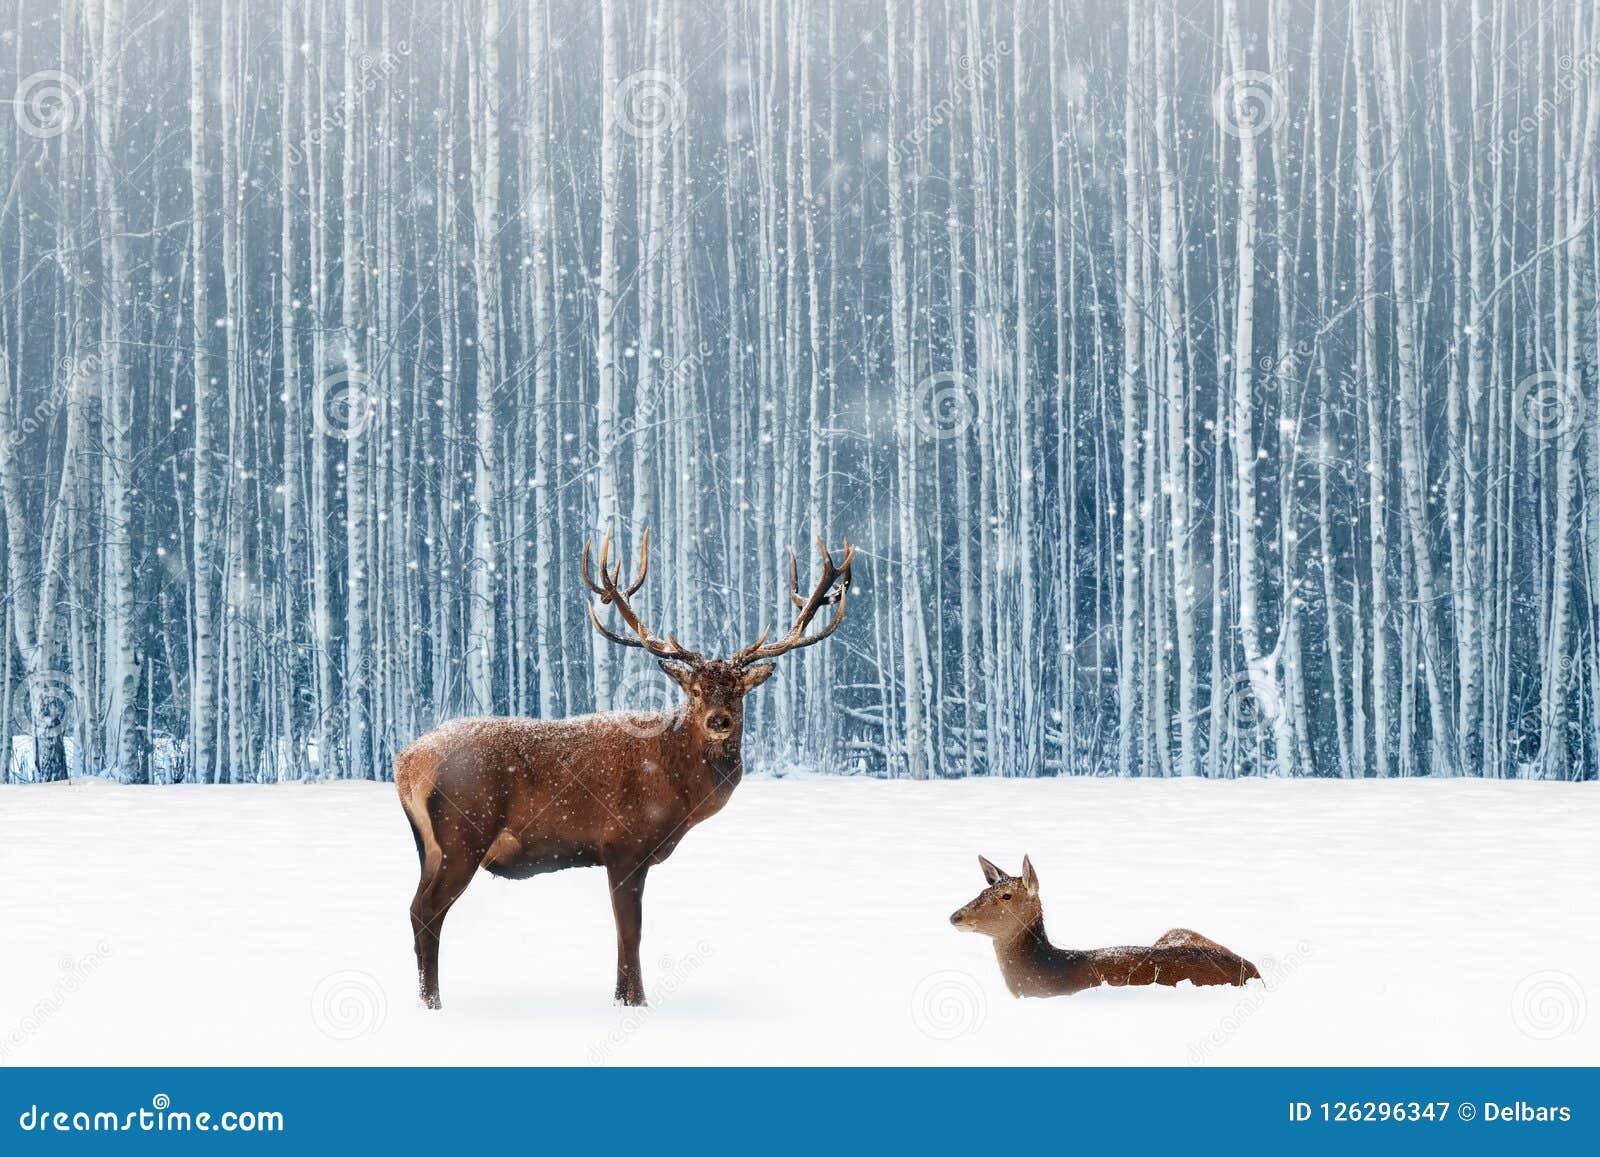 Familie von edlen Rotwild in einem Traumbild Wald des verschneiten Winters Weihnachtsin der blauen und weißen Farbe snowing